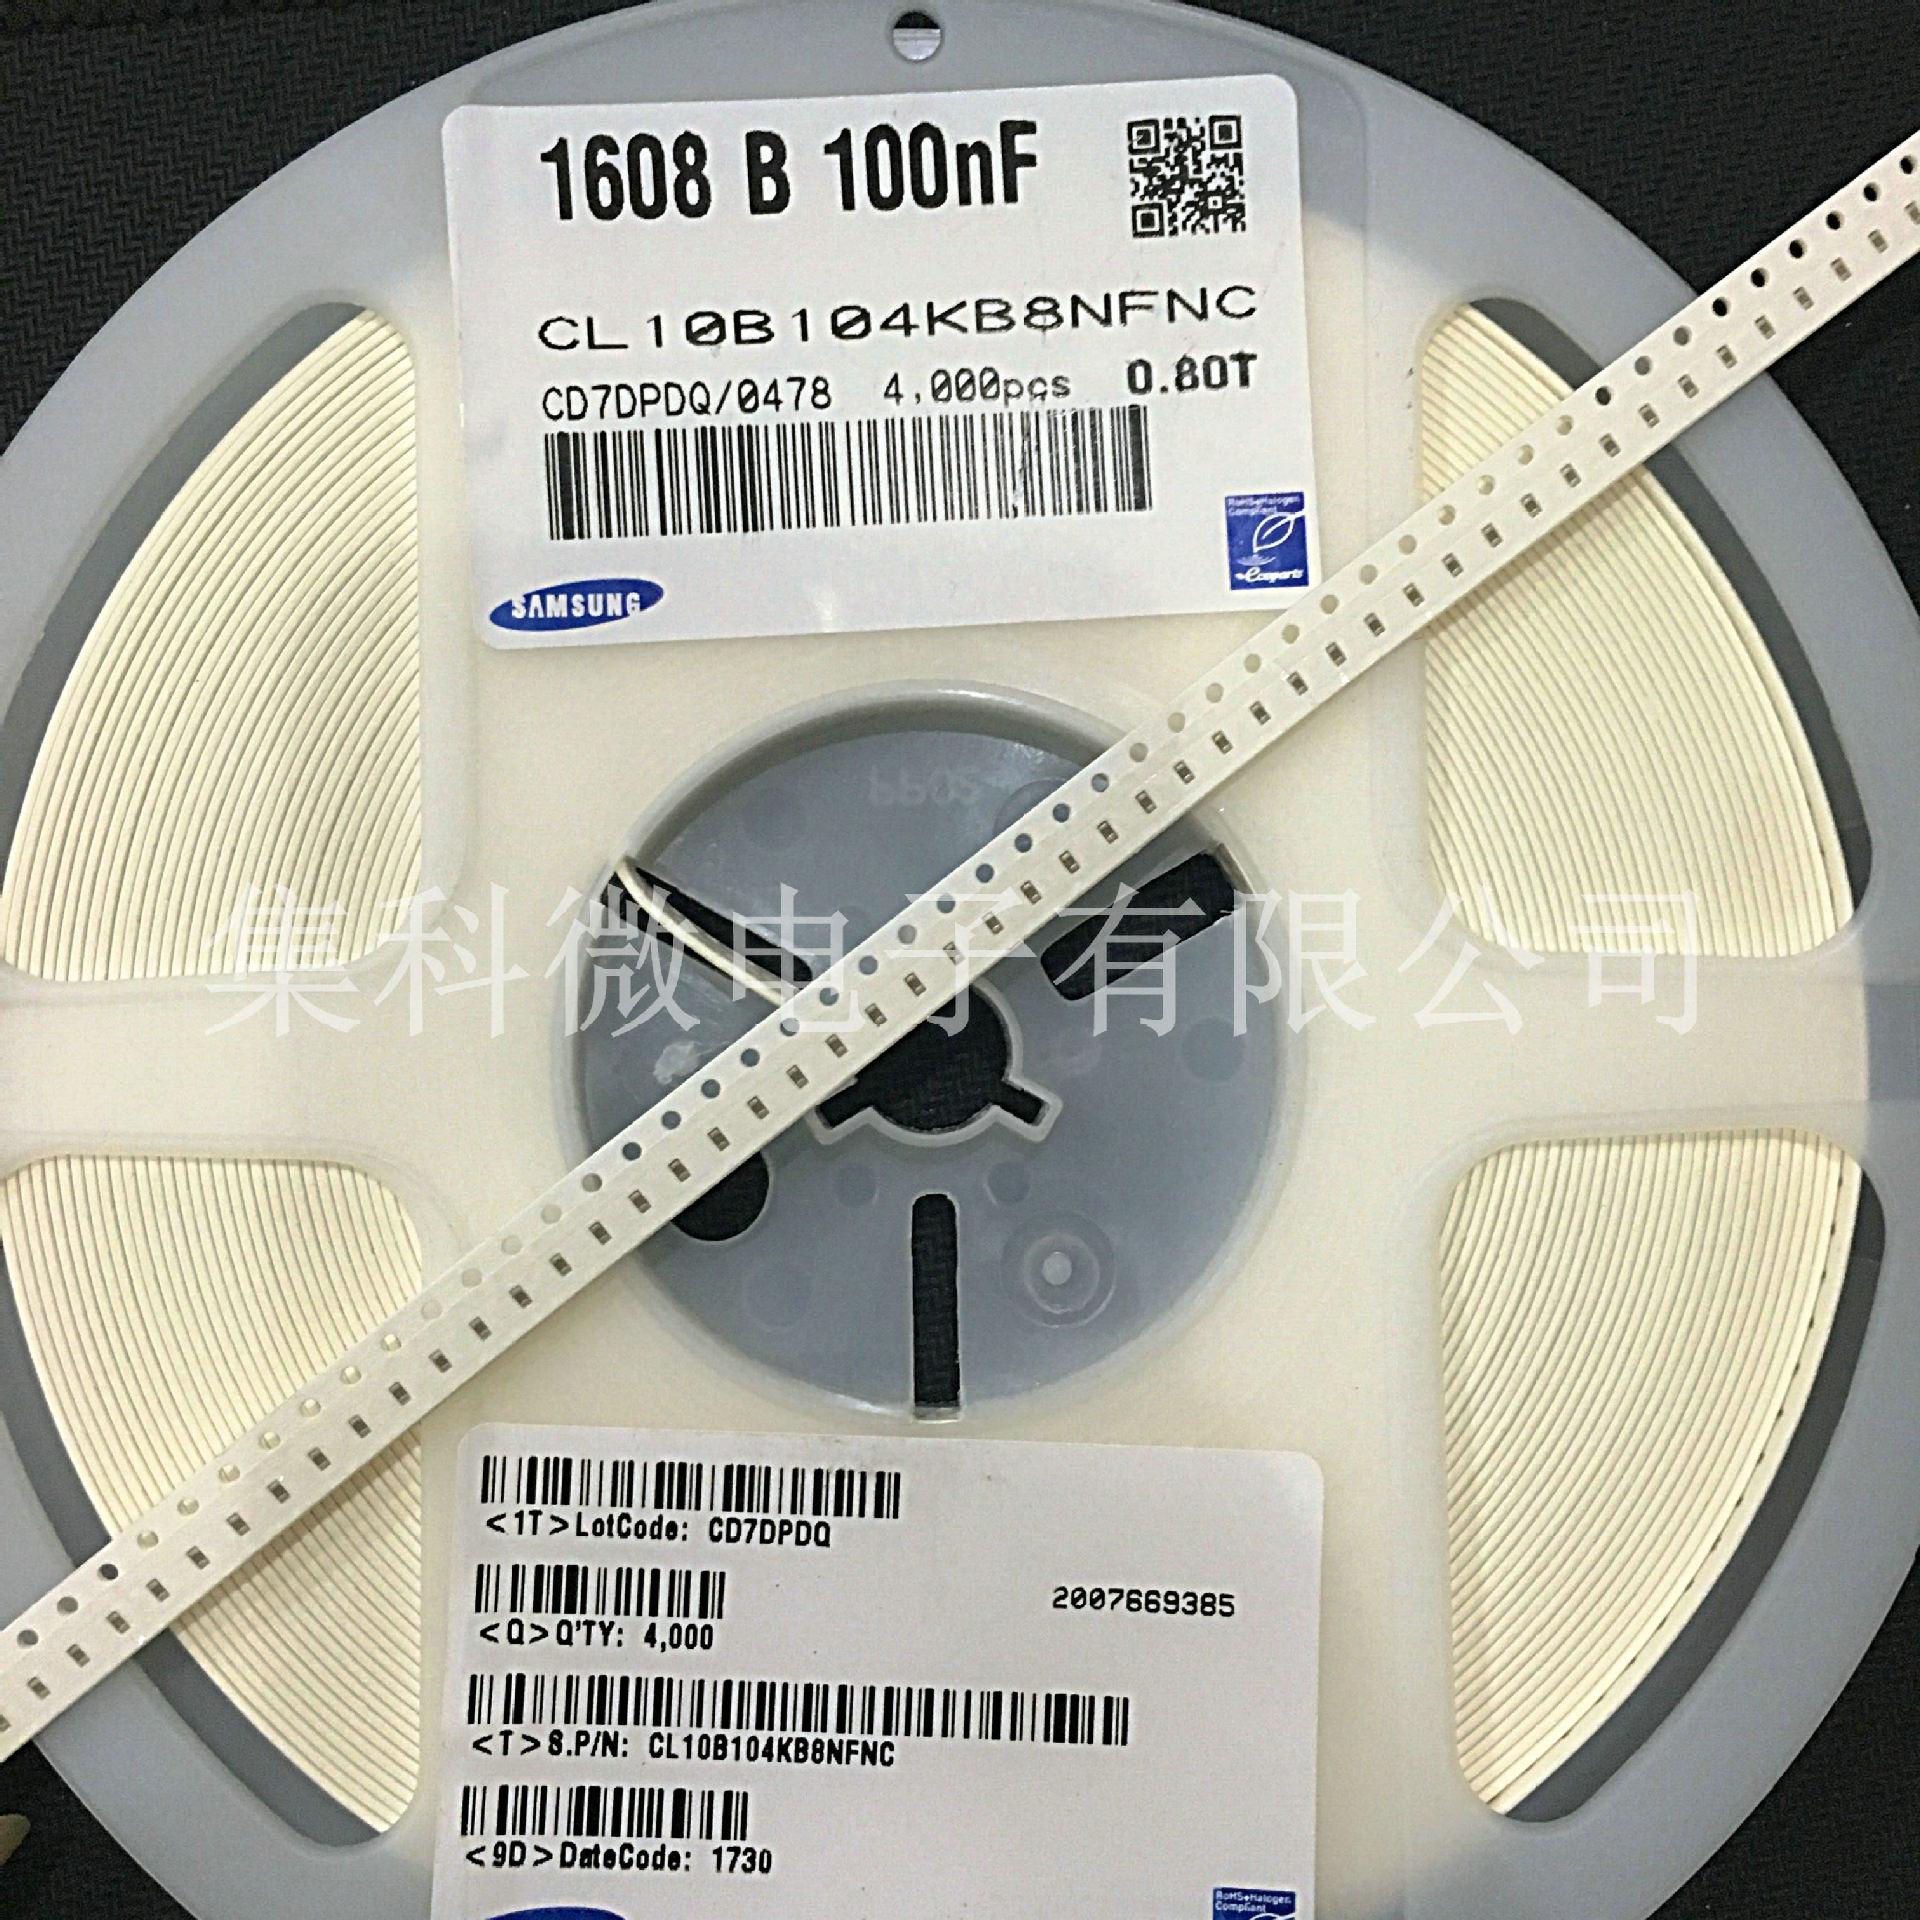 Samsung Tụ Ceramic Tụ điện Samsung SMD 0201 0402 0603 0805 1206 104K 100NF 0.1UF 50V10%